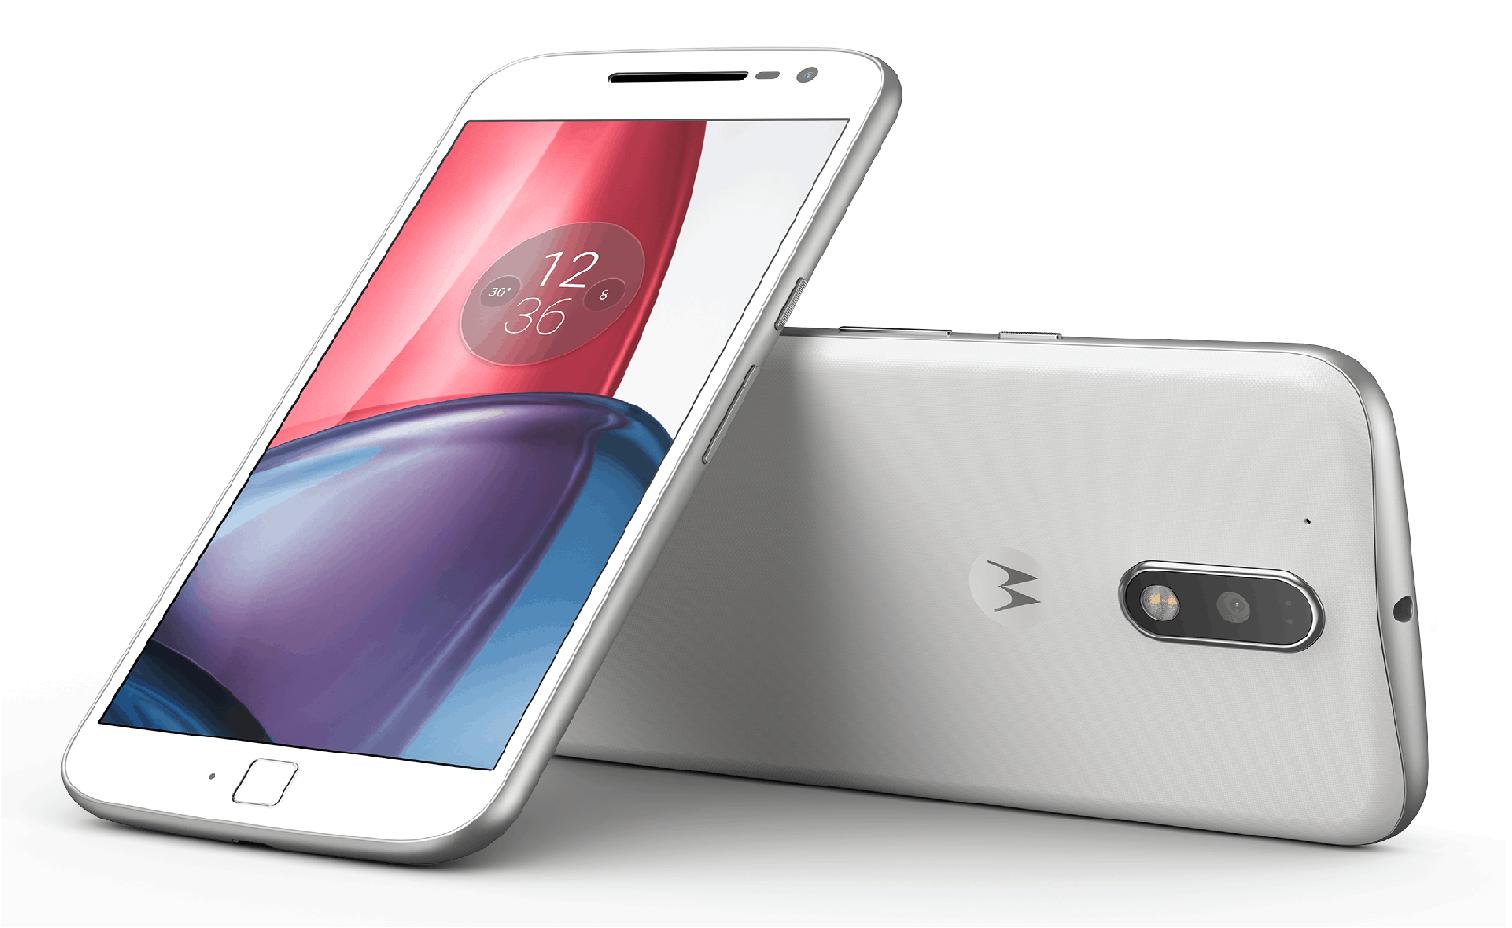 Xiaomi Redmi Note 4 Ganha Versão Com 4 Gb De Ram E 64 Gb: Xiaomi Redmi Note 4 Vs Moto G4 Plus